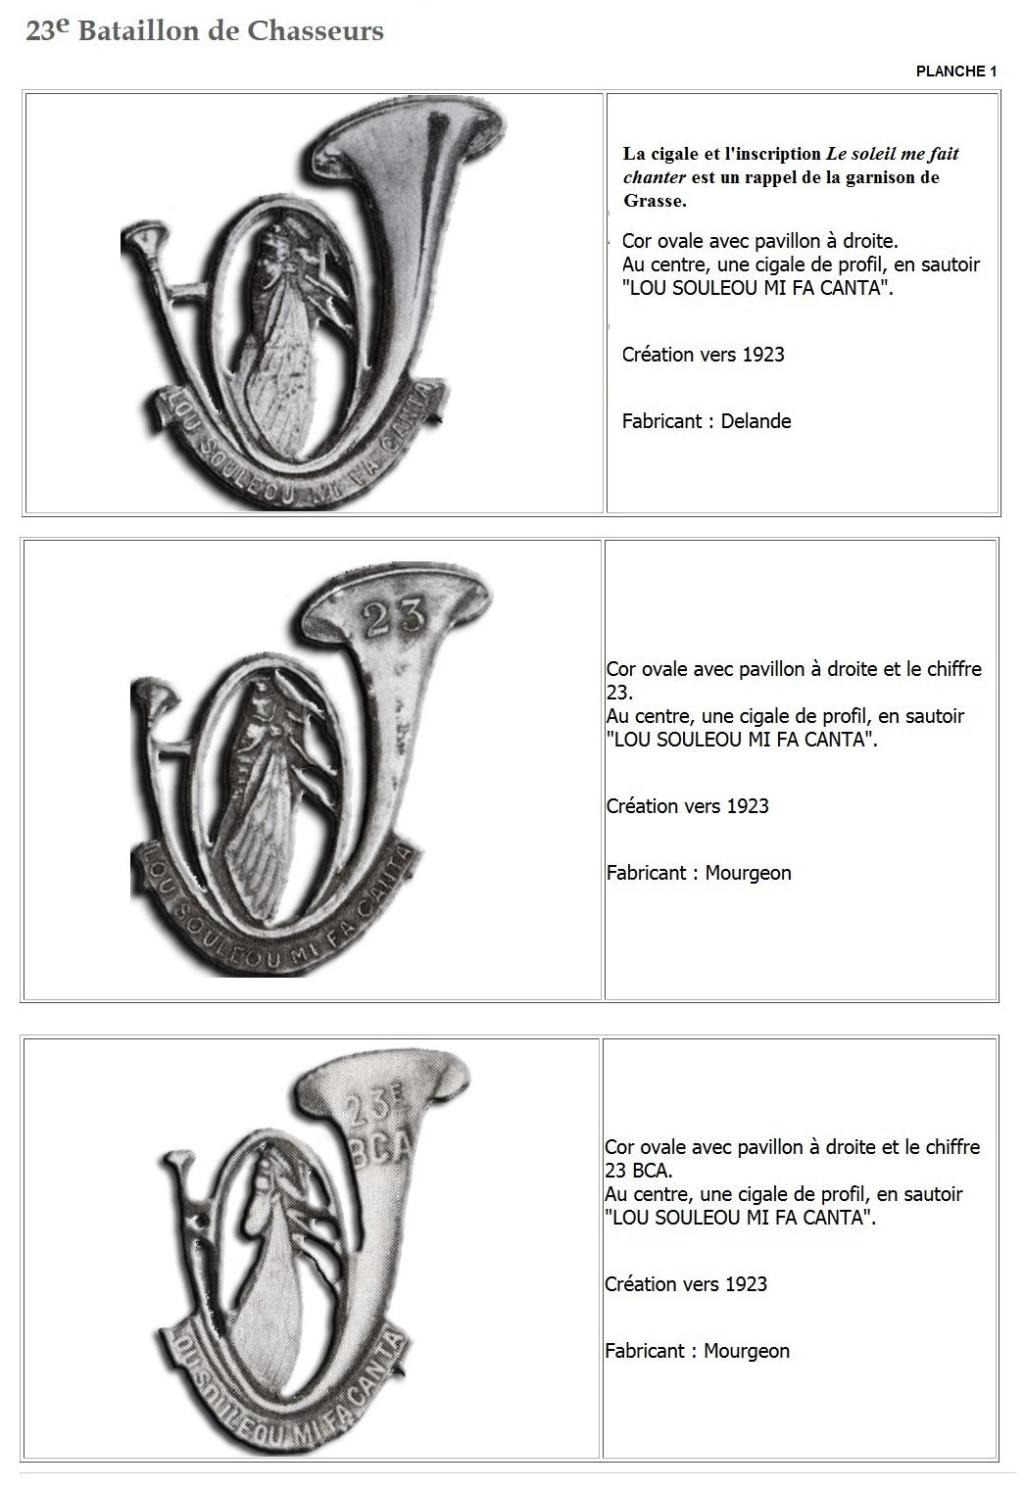 Les insignes de bataillons- Mise à jour... - Page 2 23e_pl11